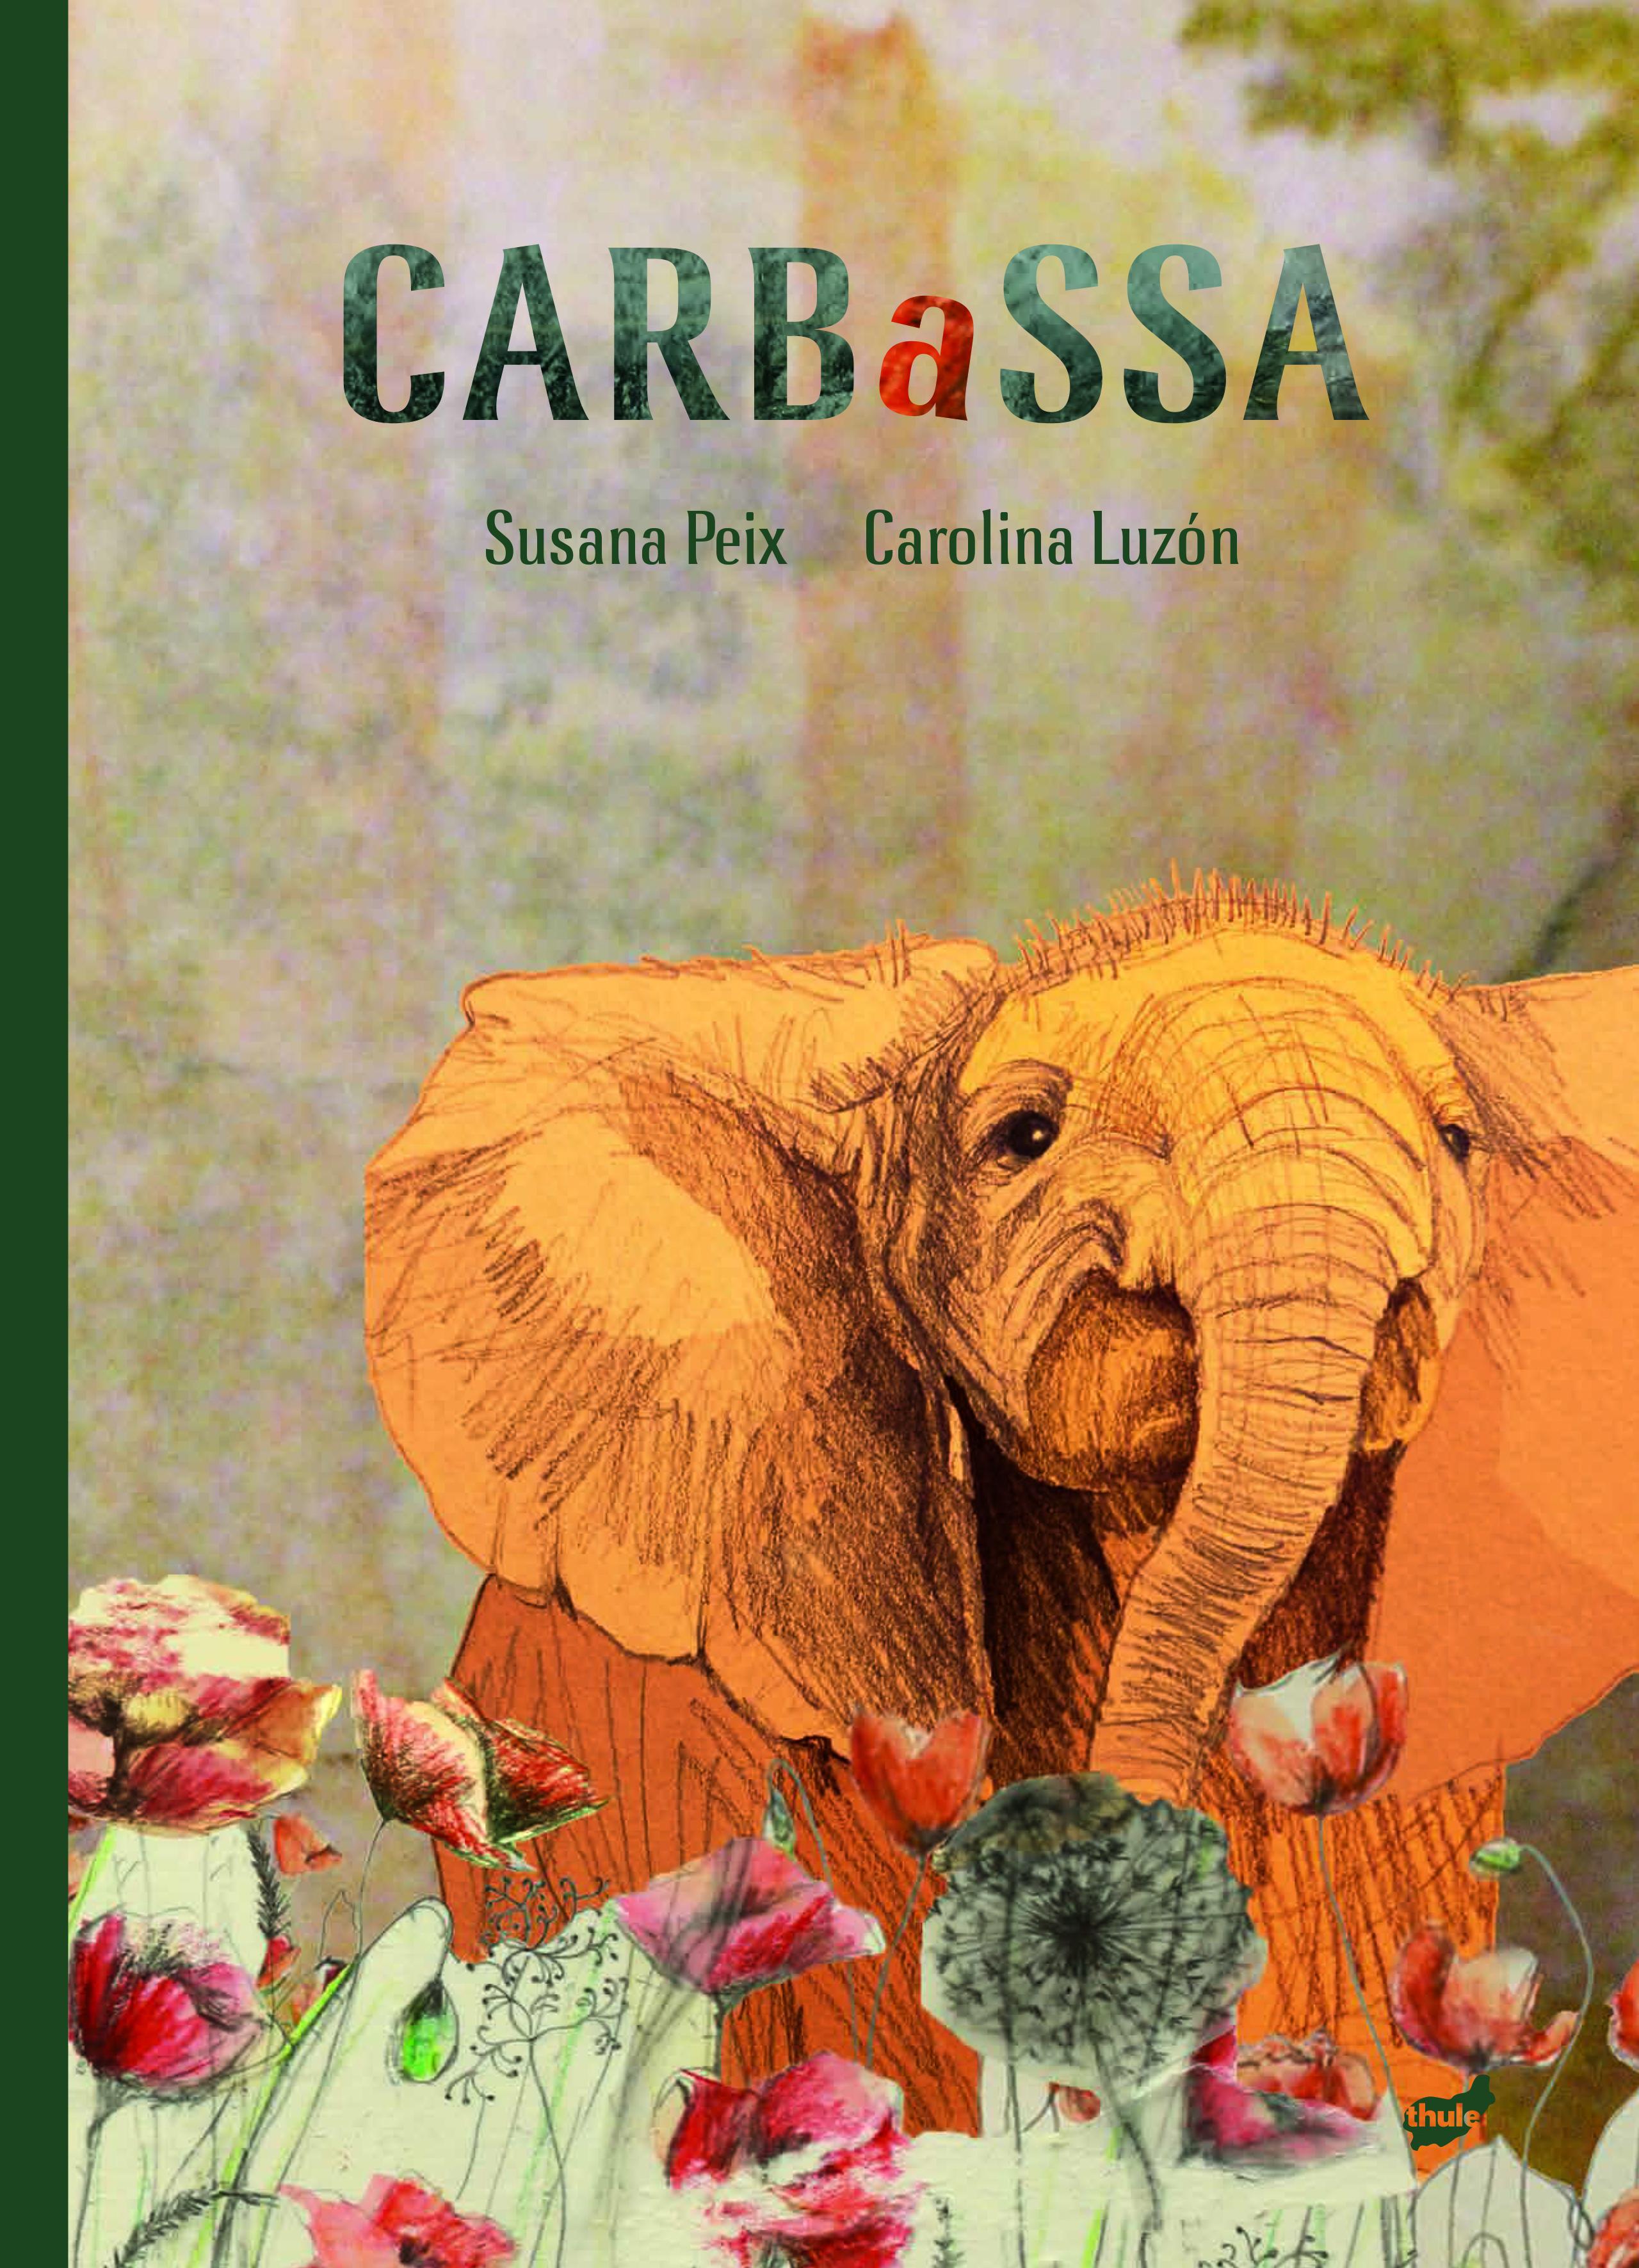 coberta llibre Carbassa